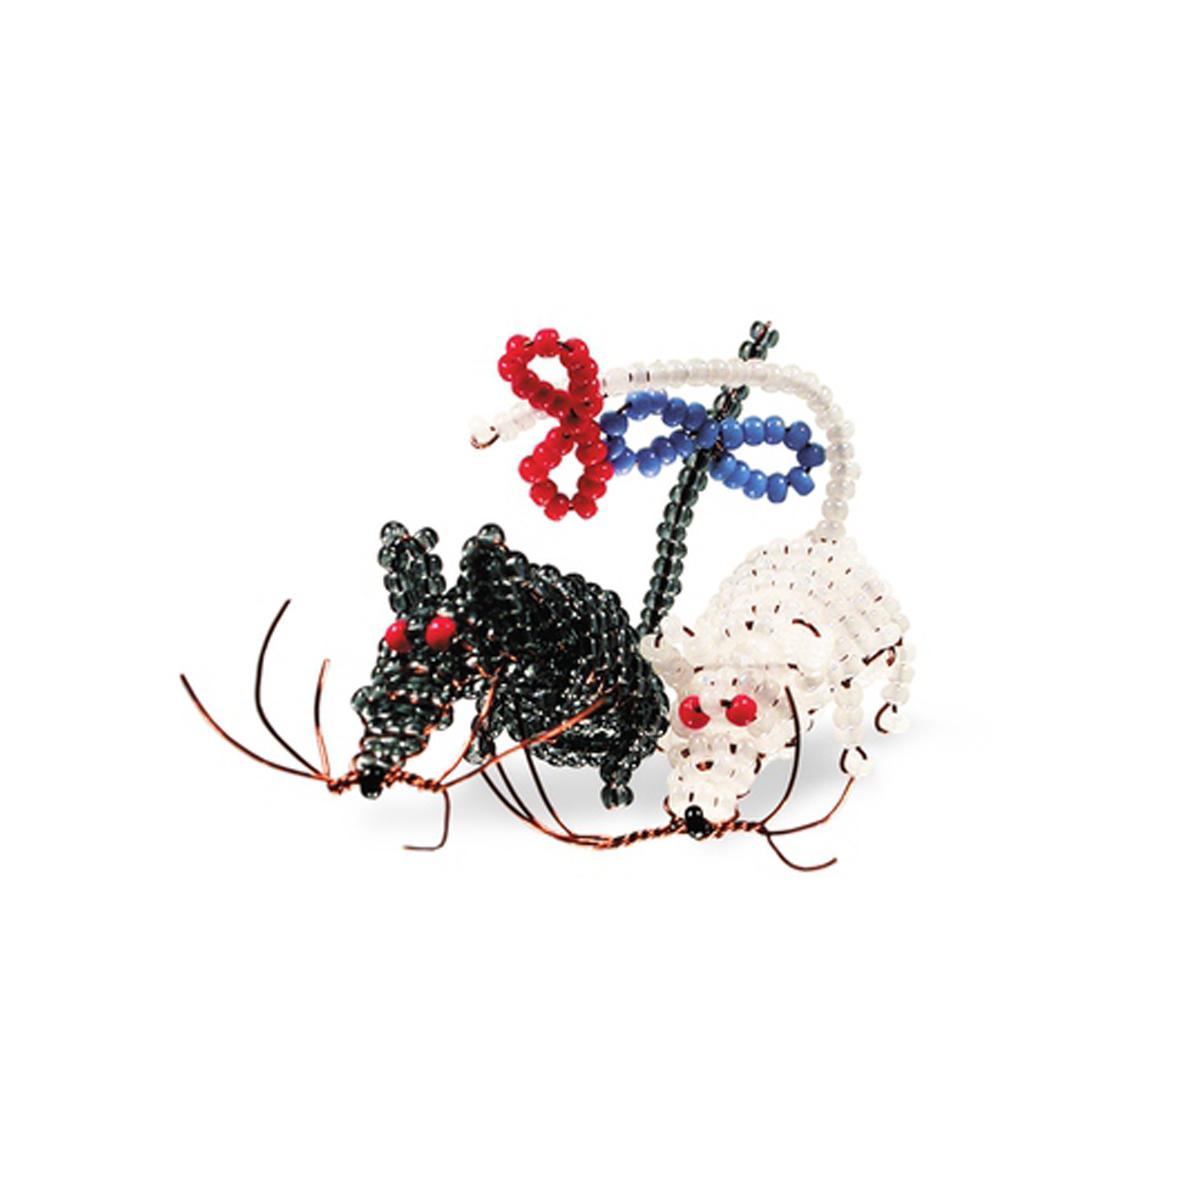 Набор для бисероплетения Кроше Сладкая парочка645118В последнее время плетение бисером набирает популярность среди рукодельниц. Научиться созданию изделий из маленьких ярких бусинок вполне реально, это будет под силу даже детям. Вашему вниманию предлагается многообразие наборов по бисероплению от бренда Кроше. Выбирайте любой из понравившихся и приступайте к созданию шедевра. Состав набора: чешский бисер, проволока для бисера, схема и описание к работе.